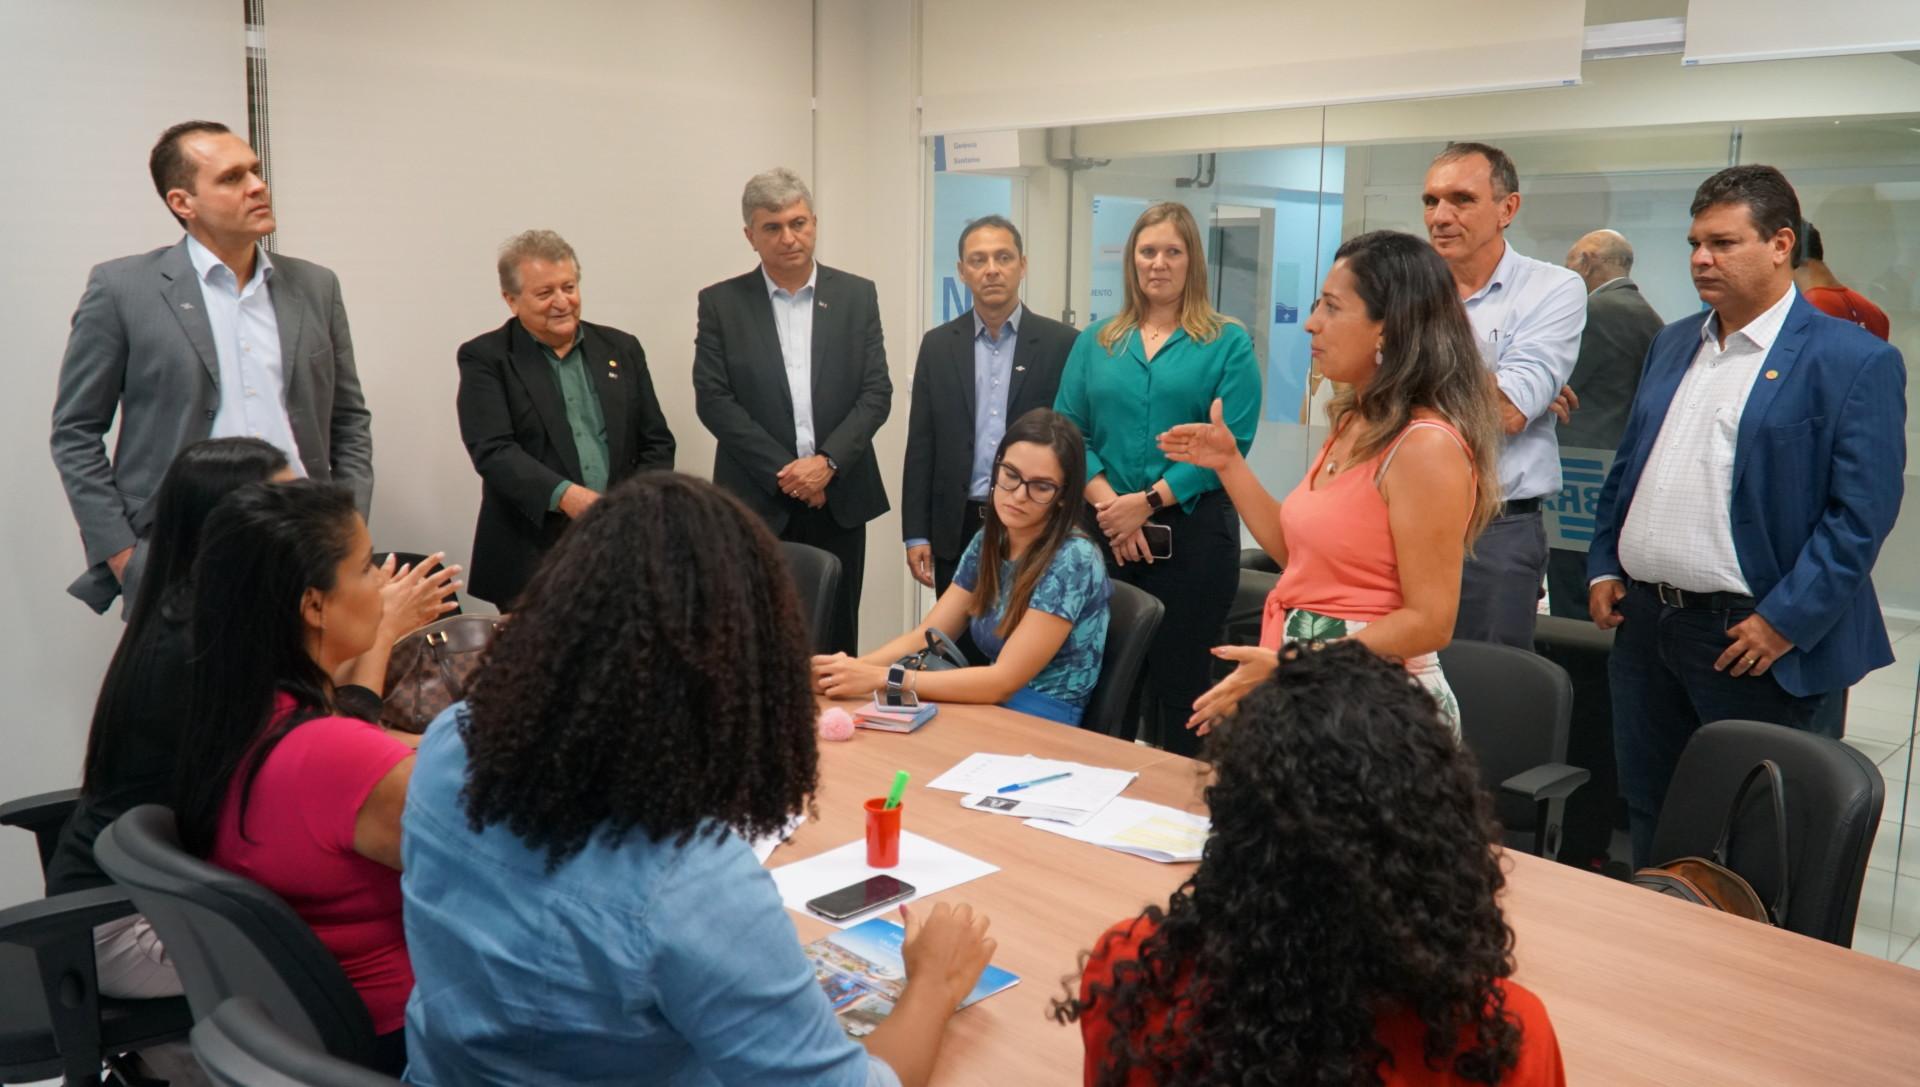 Interação com clientes do Sebrae em visita à Unidade Regional de São Luís